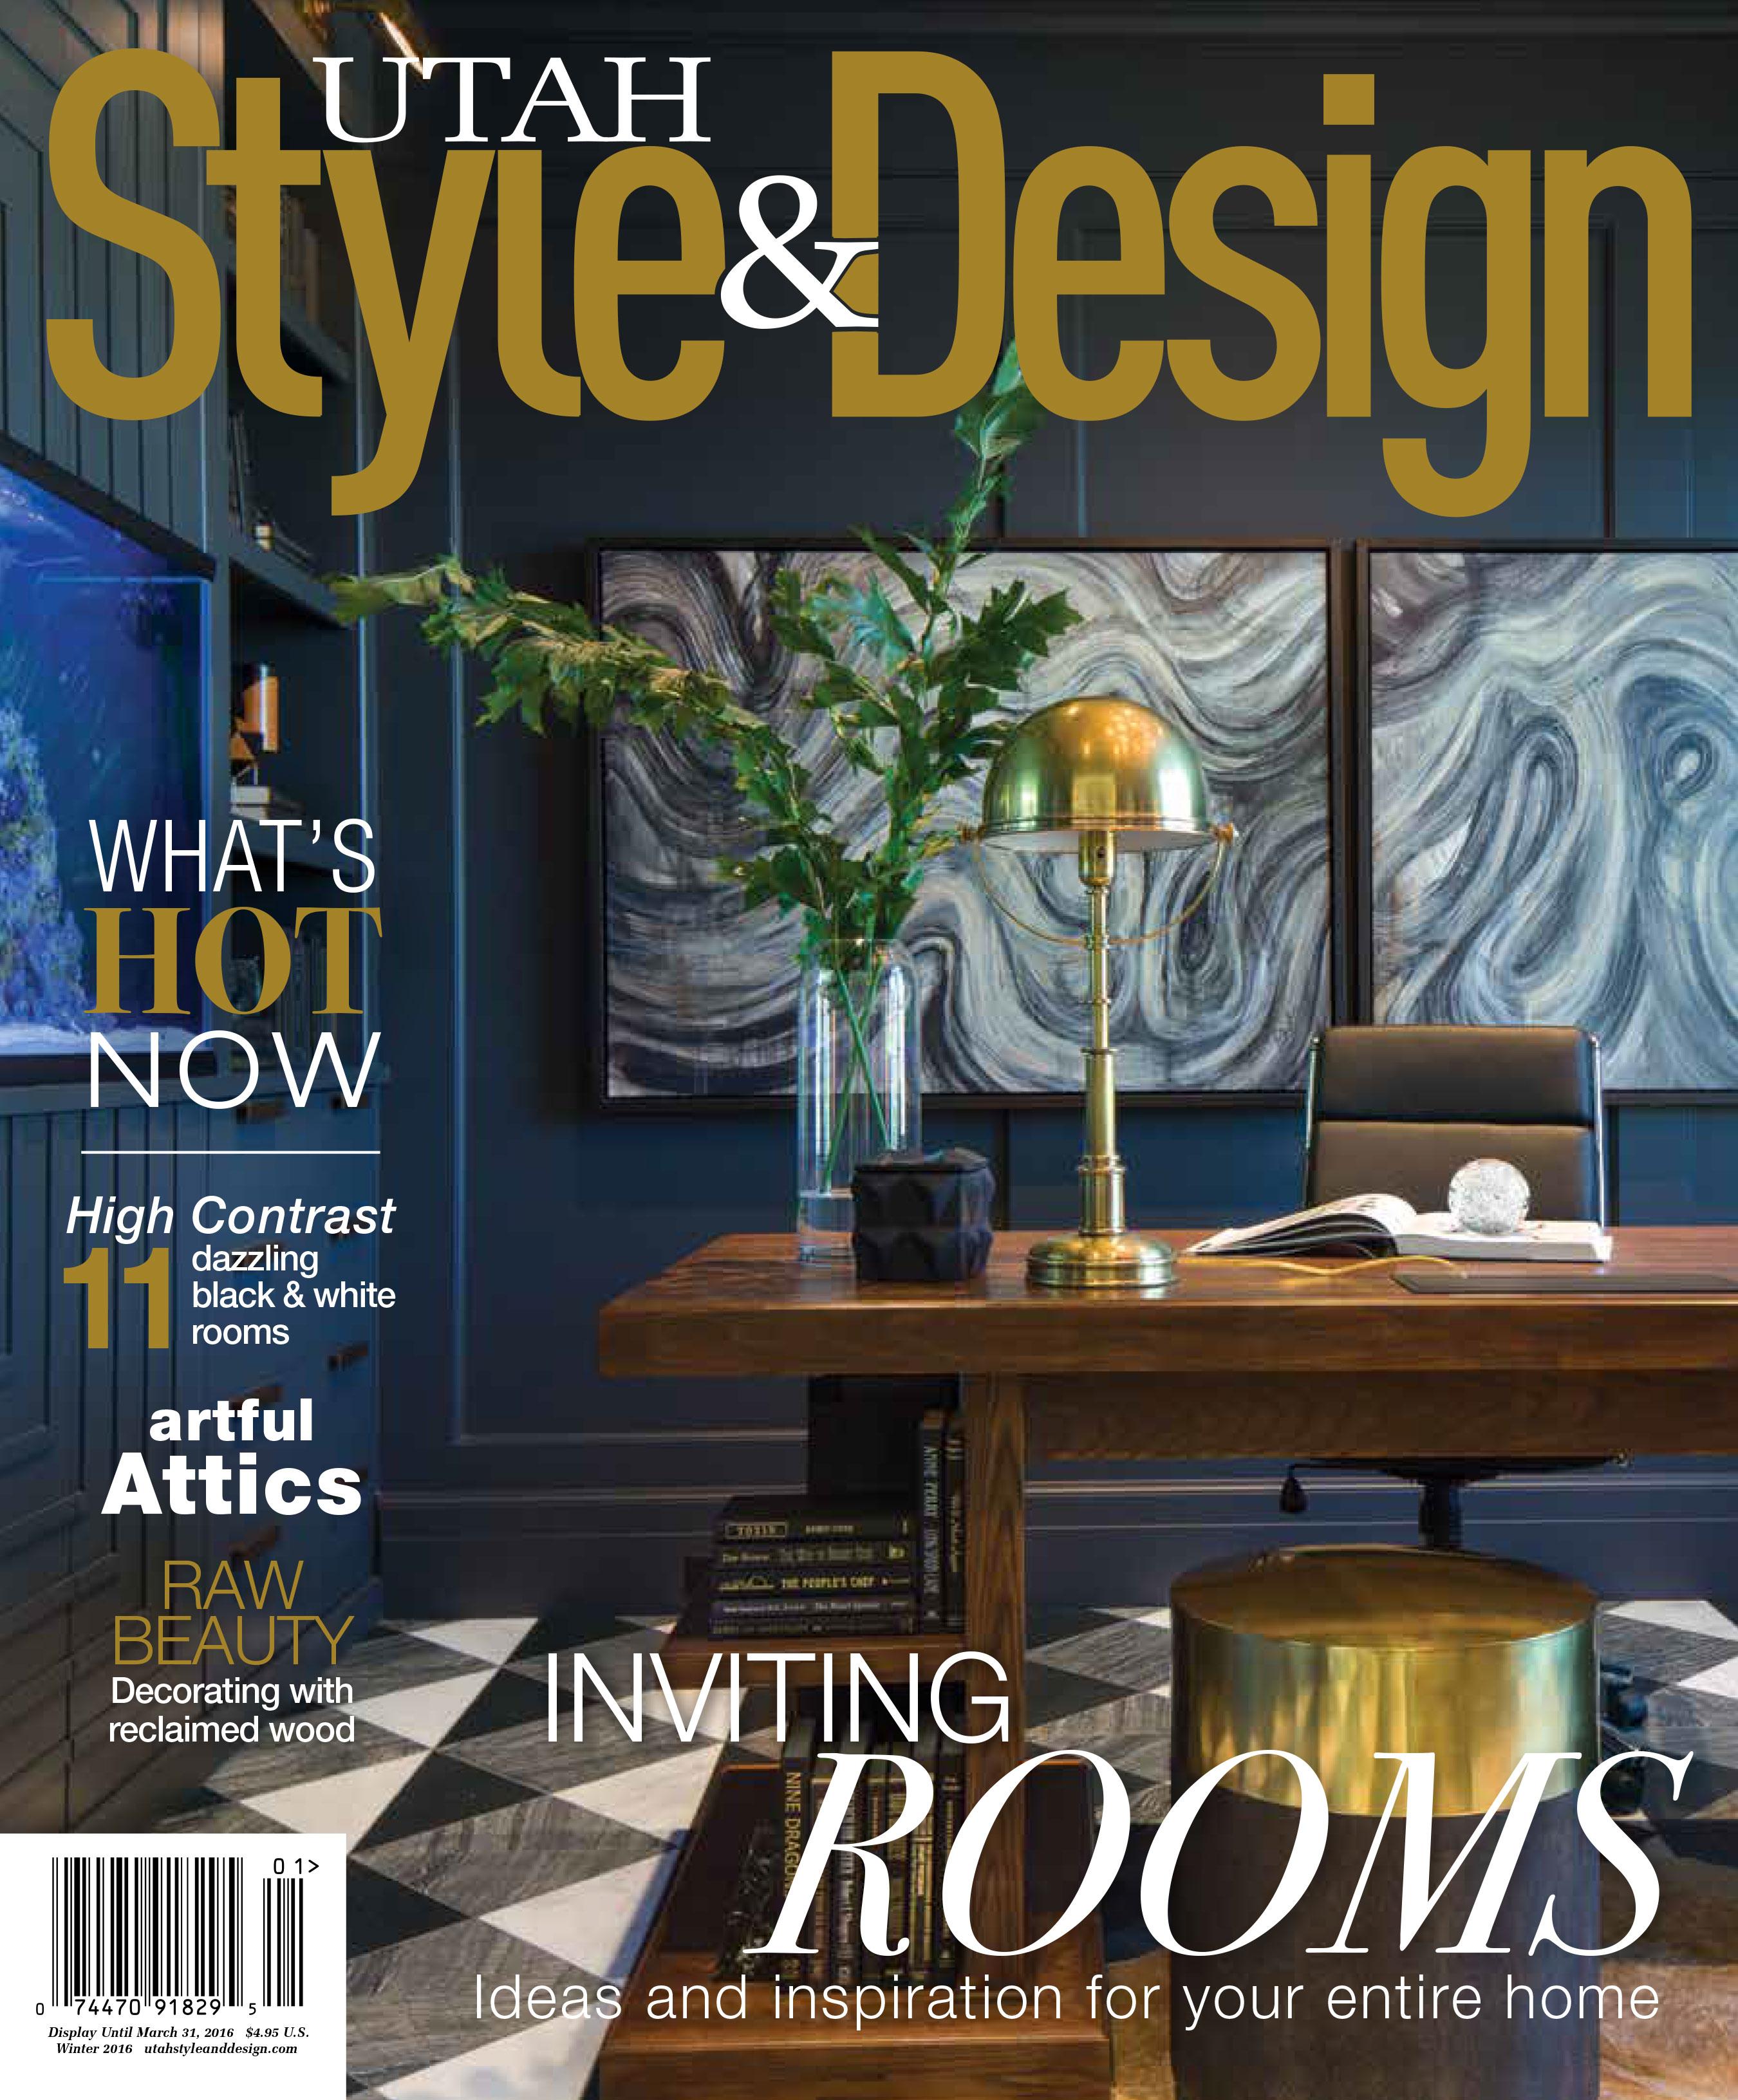 Utah Style & Design, 1 of 1